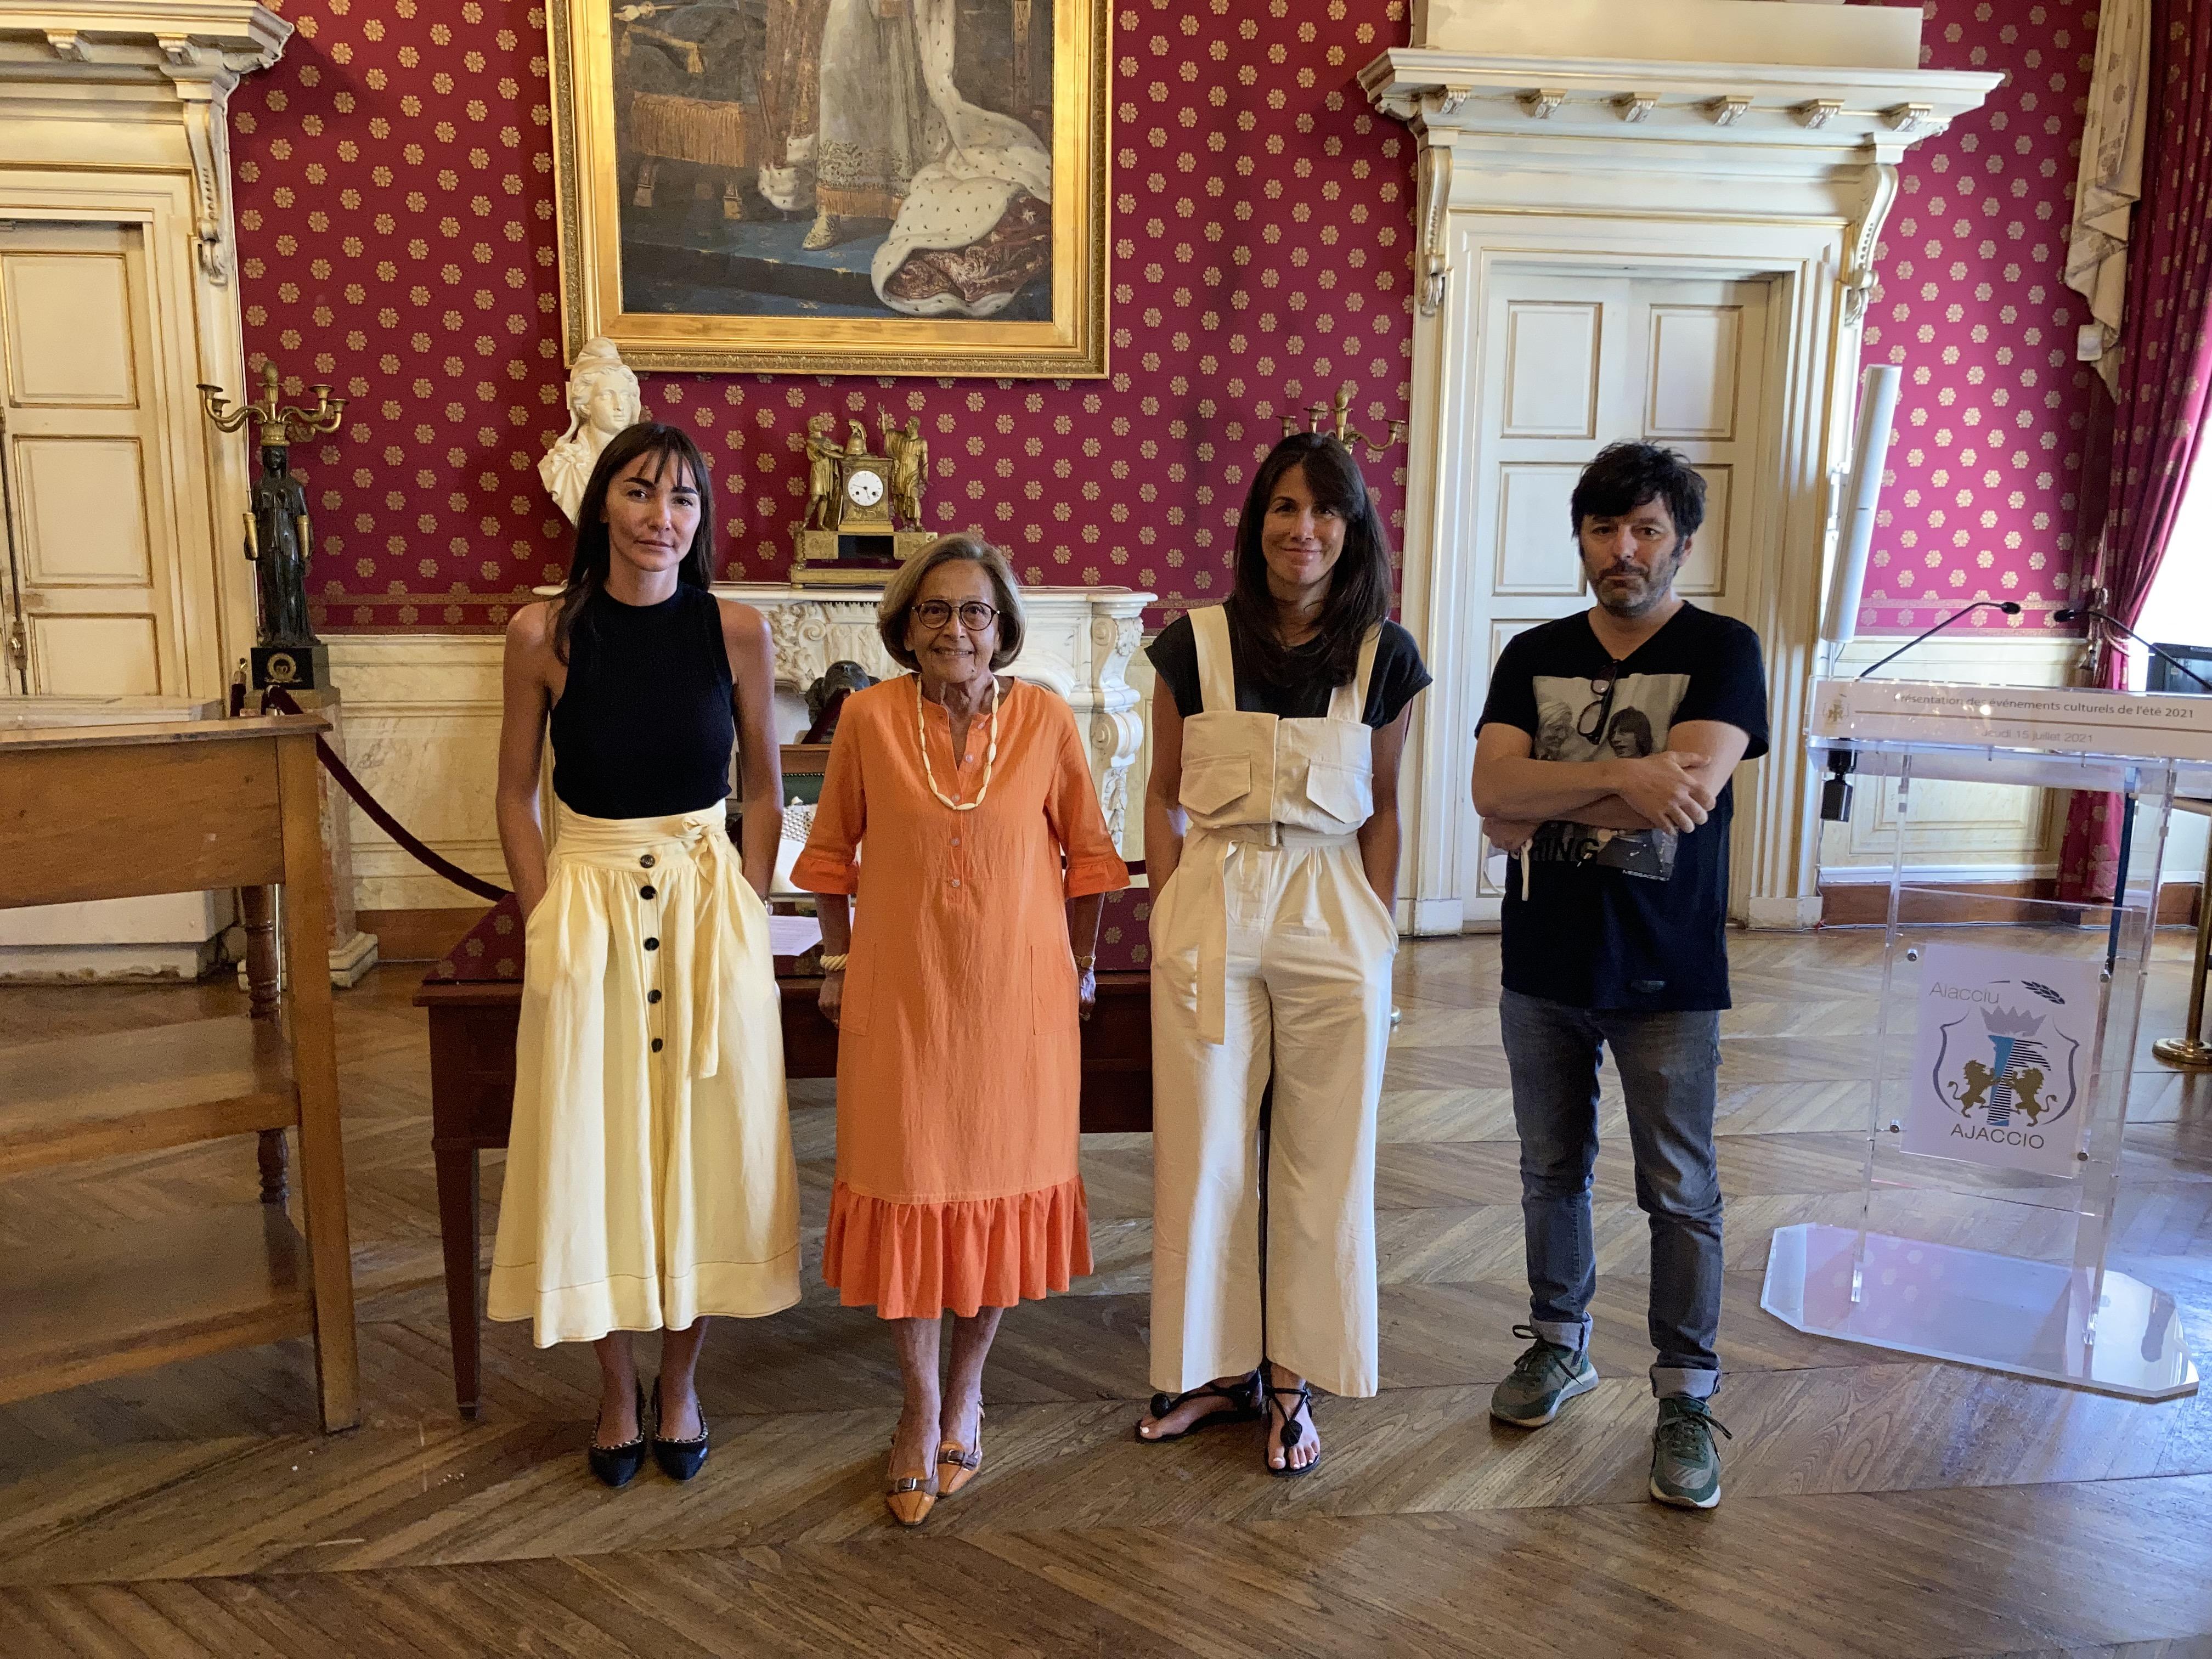 L'équipe de la direction de la culture de la ville d'Ajaccio a préparé un programme pour la saison estivale. Photo : Julia Sereni